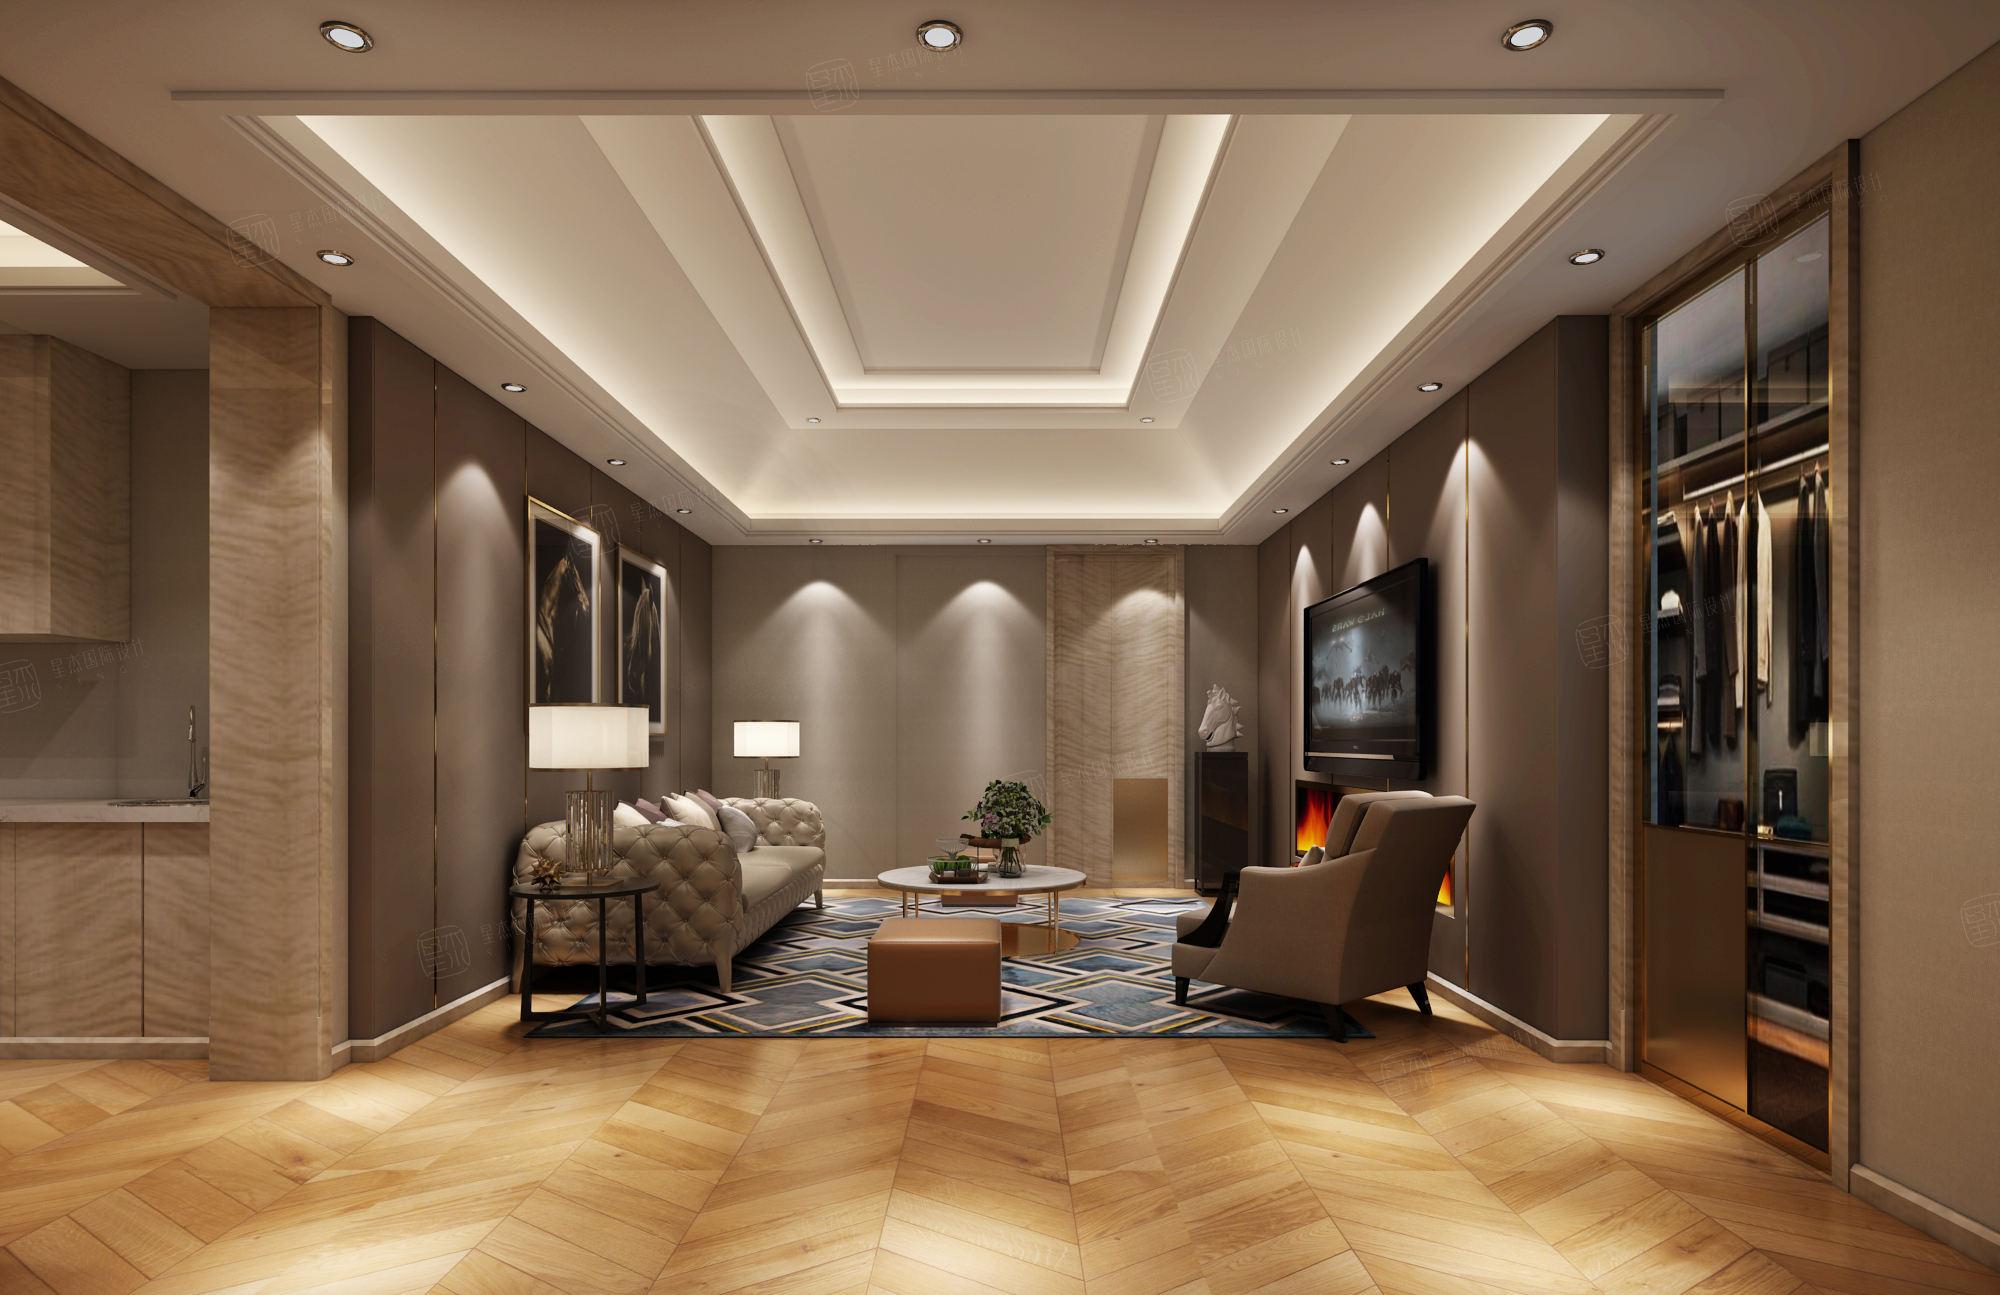 中星红庐 简欧装修起居室效果图